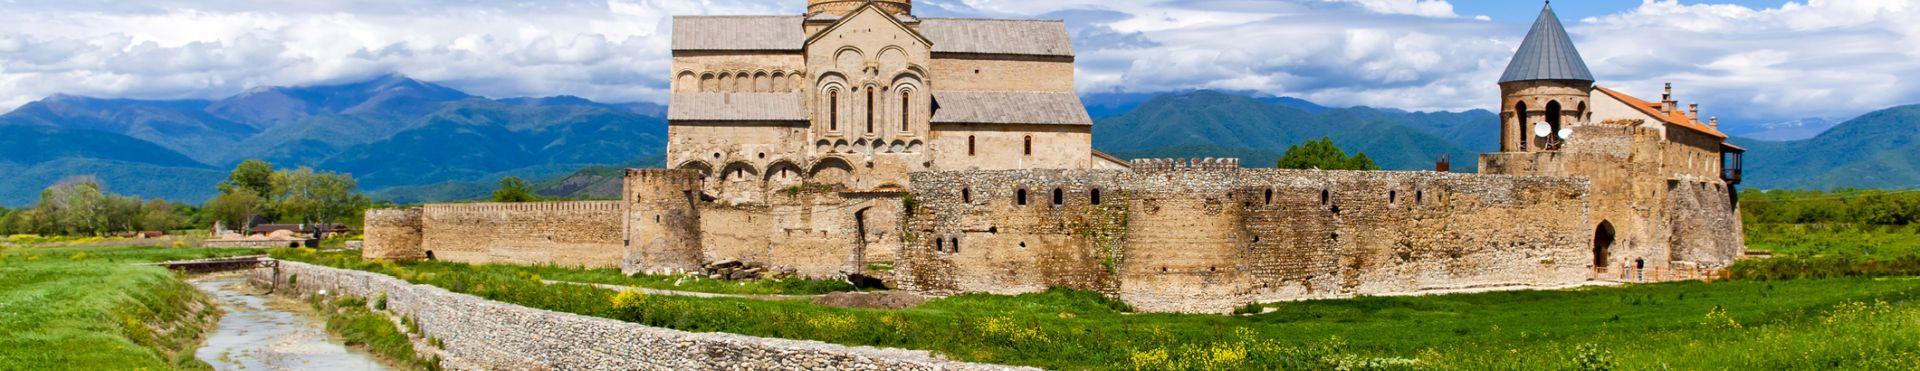 טיול מאורגן לארמניה - מסע מרתק לפנינת הקווקז וצפונות ארץ אררט